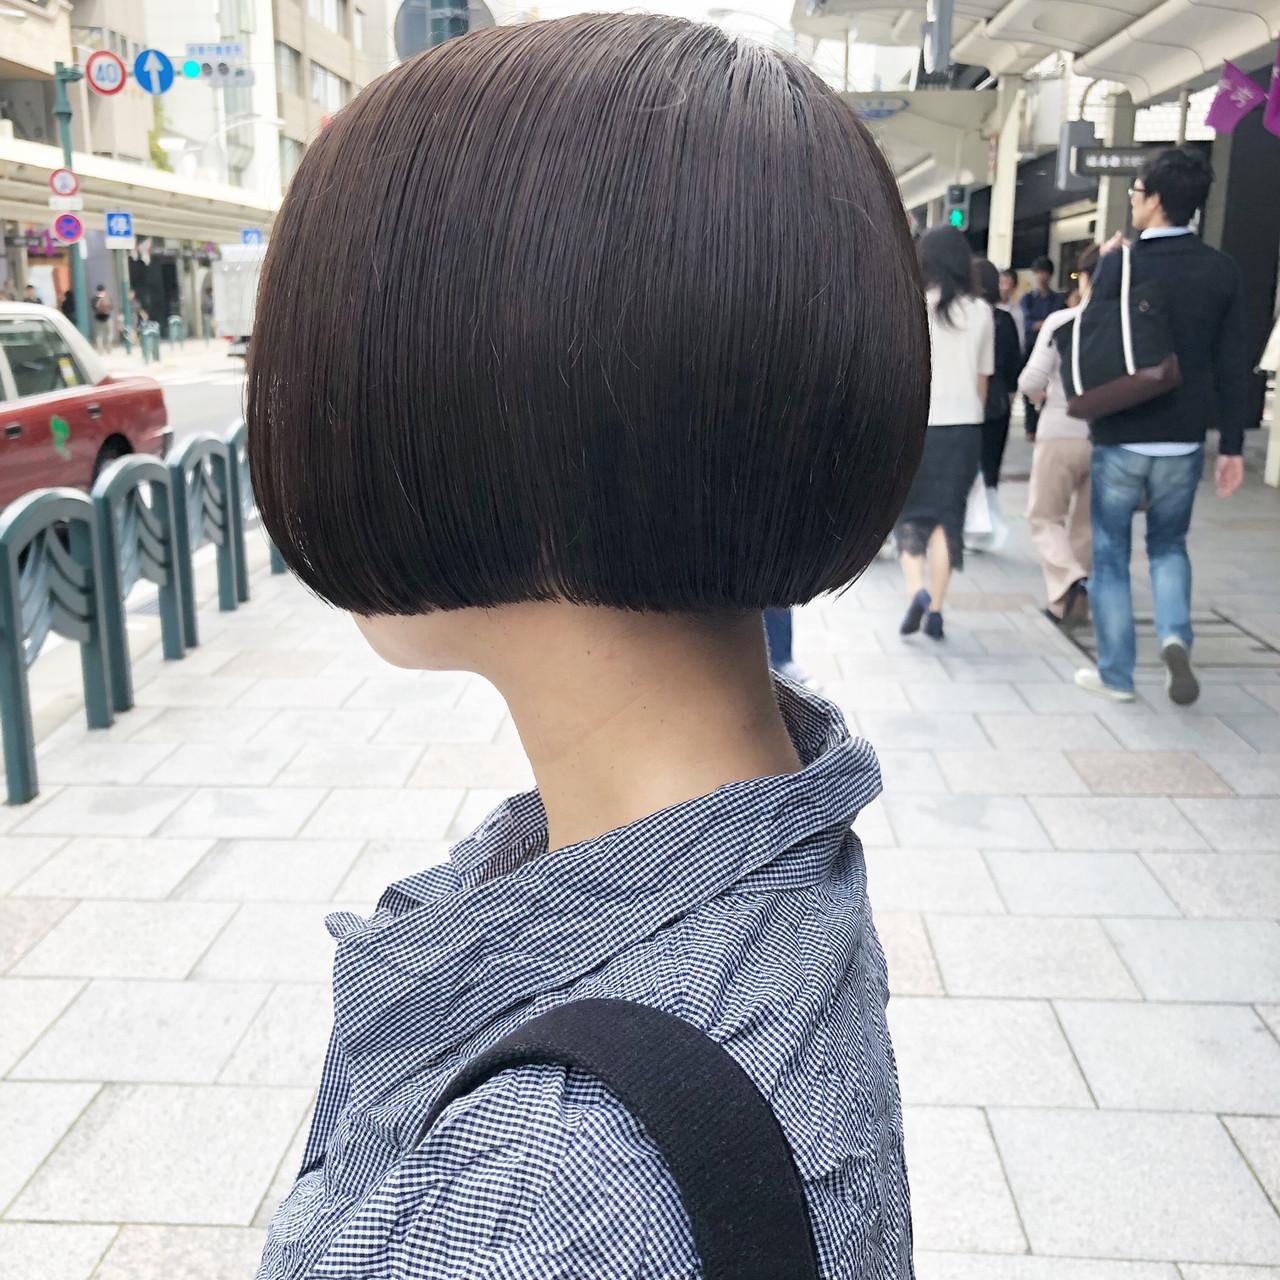 ボブ ナチュラル ミニボブ 切りっぱなしボブ ヘアスタイルや髪型の写真・画像 | 元橋啓太 / snob